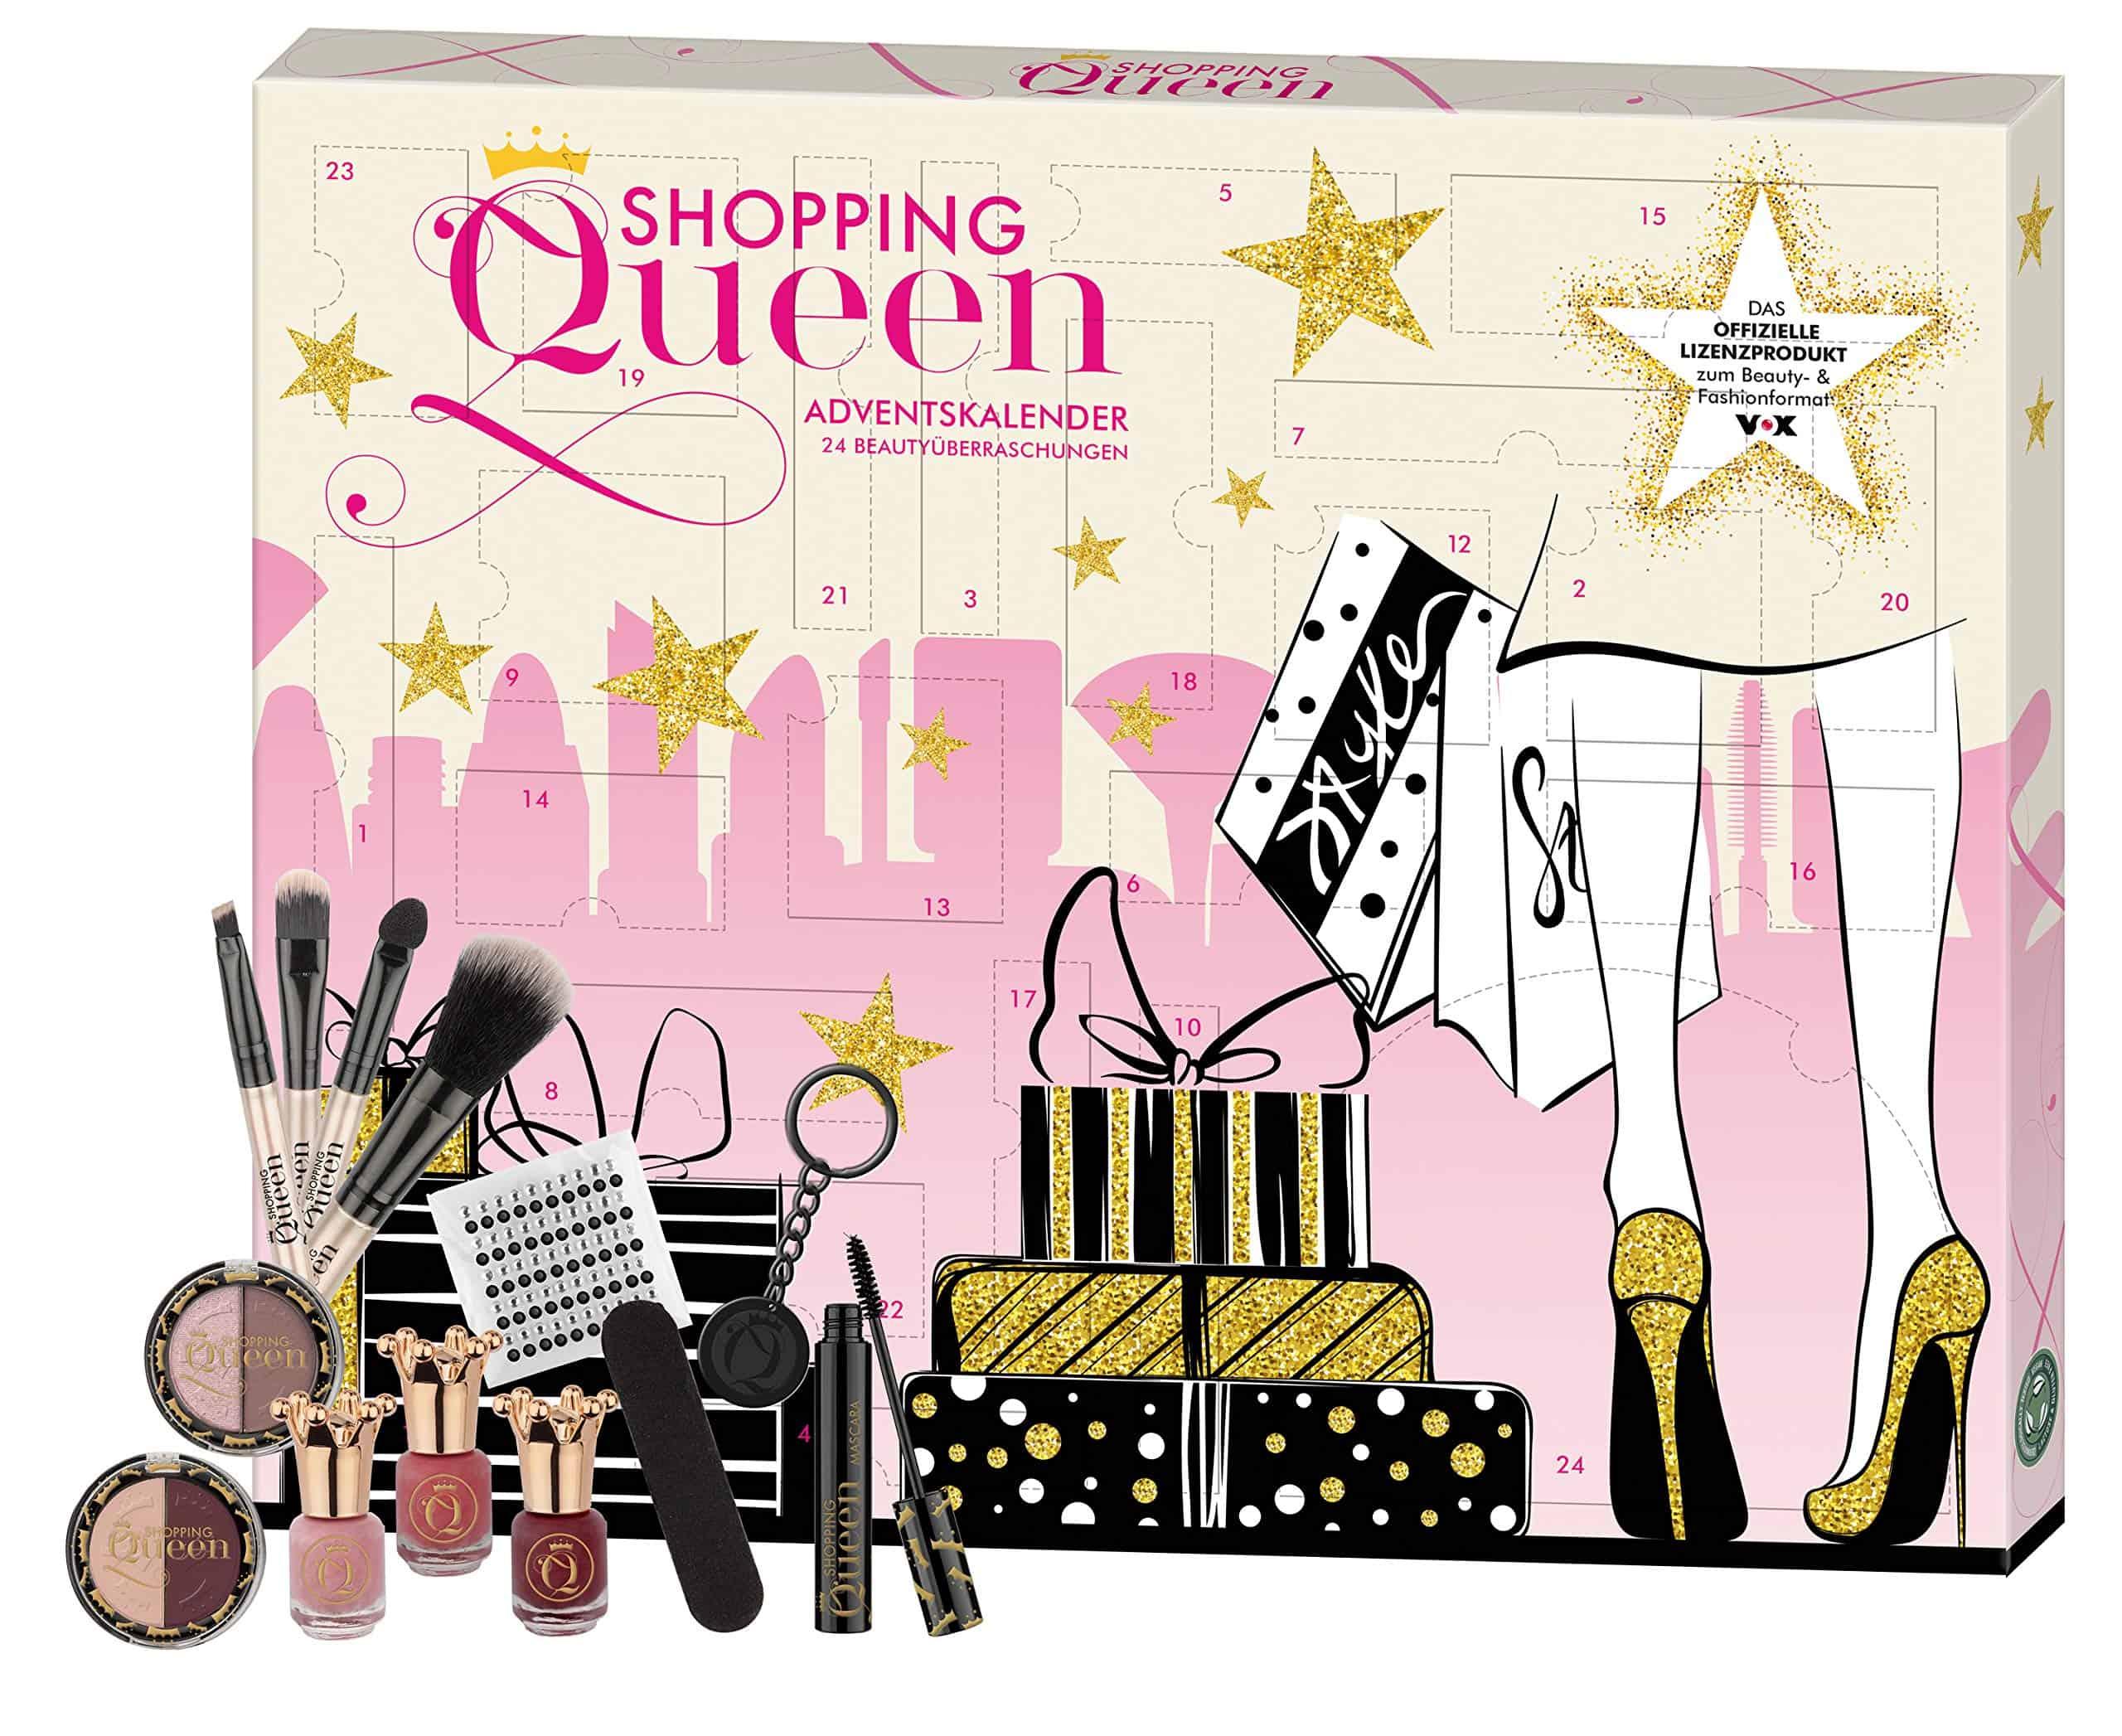 Shopping Queen Adventskalender für Frauen